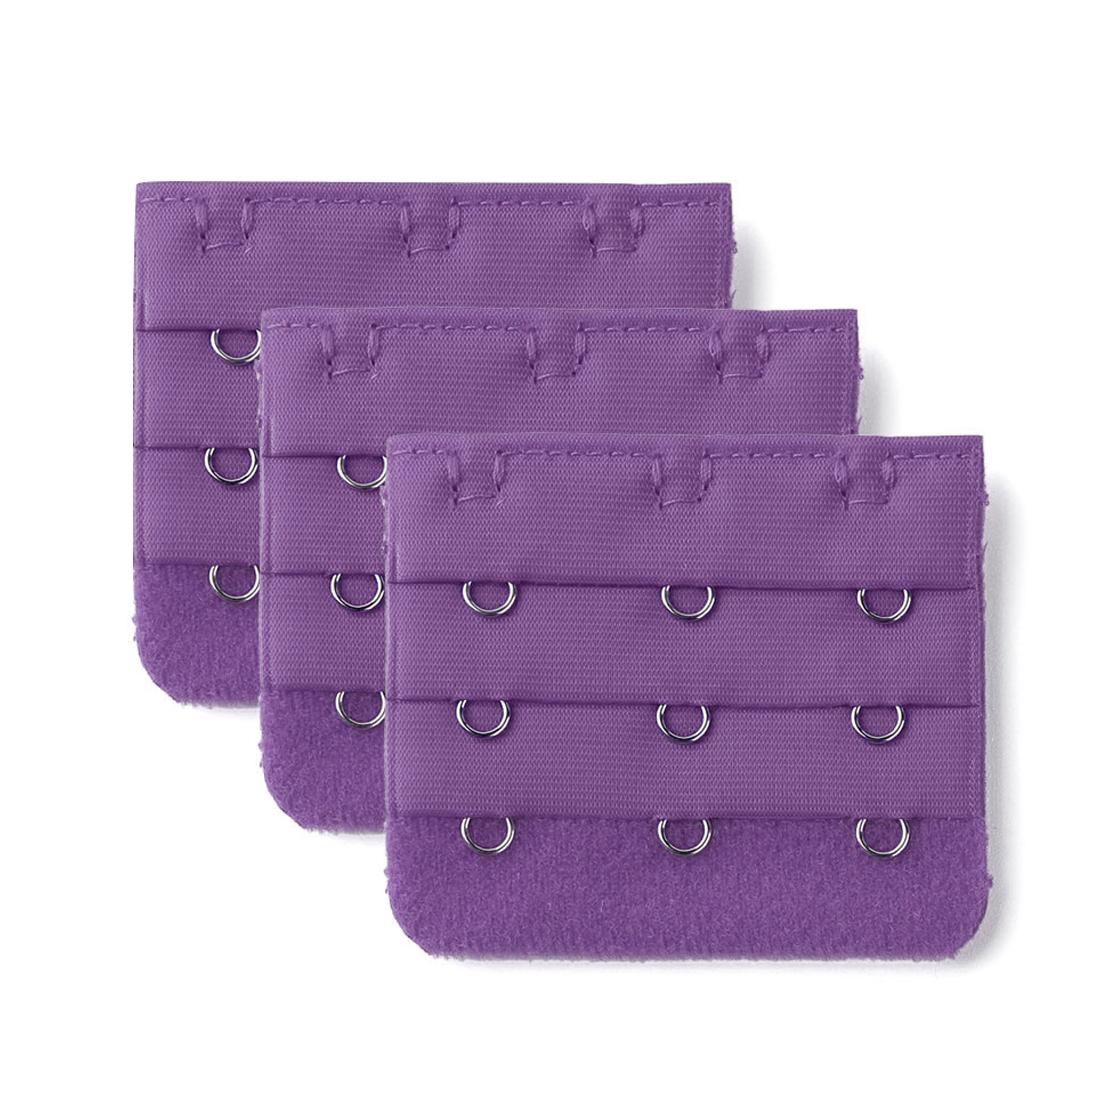 3pcs Purple 3 Rows Hooks Lady Underwear Bra Strap Extender Buckle Hook